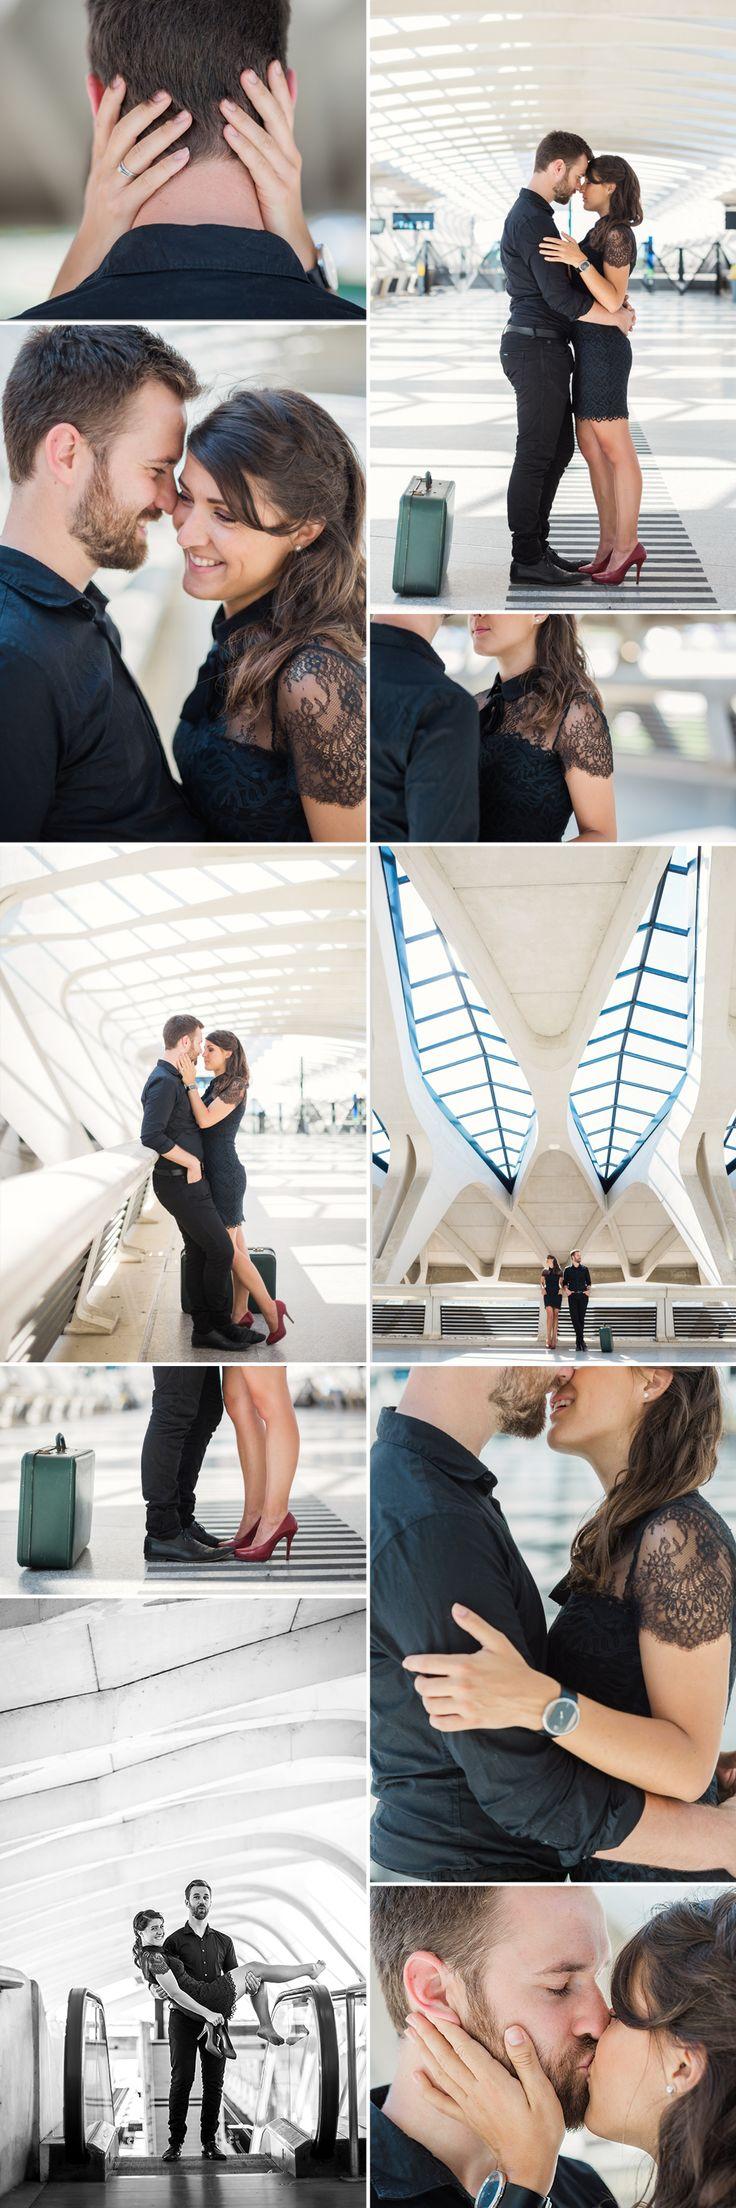 Séance de couple à l'aéroport Saint Exupéry Nathalie Roux Photographe